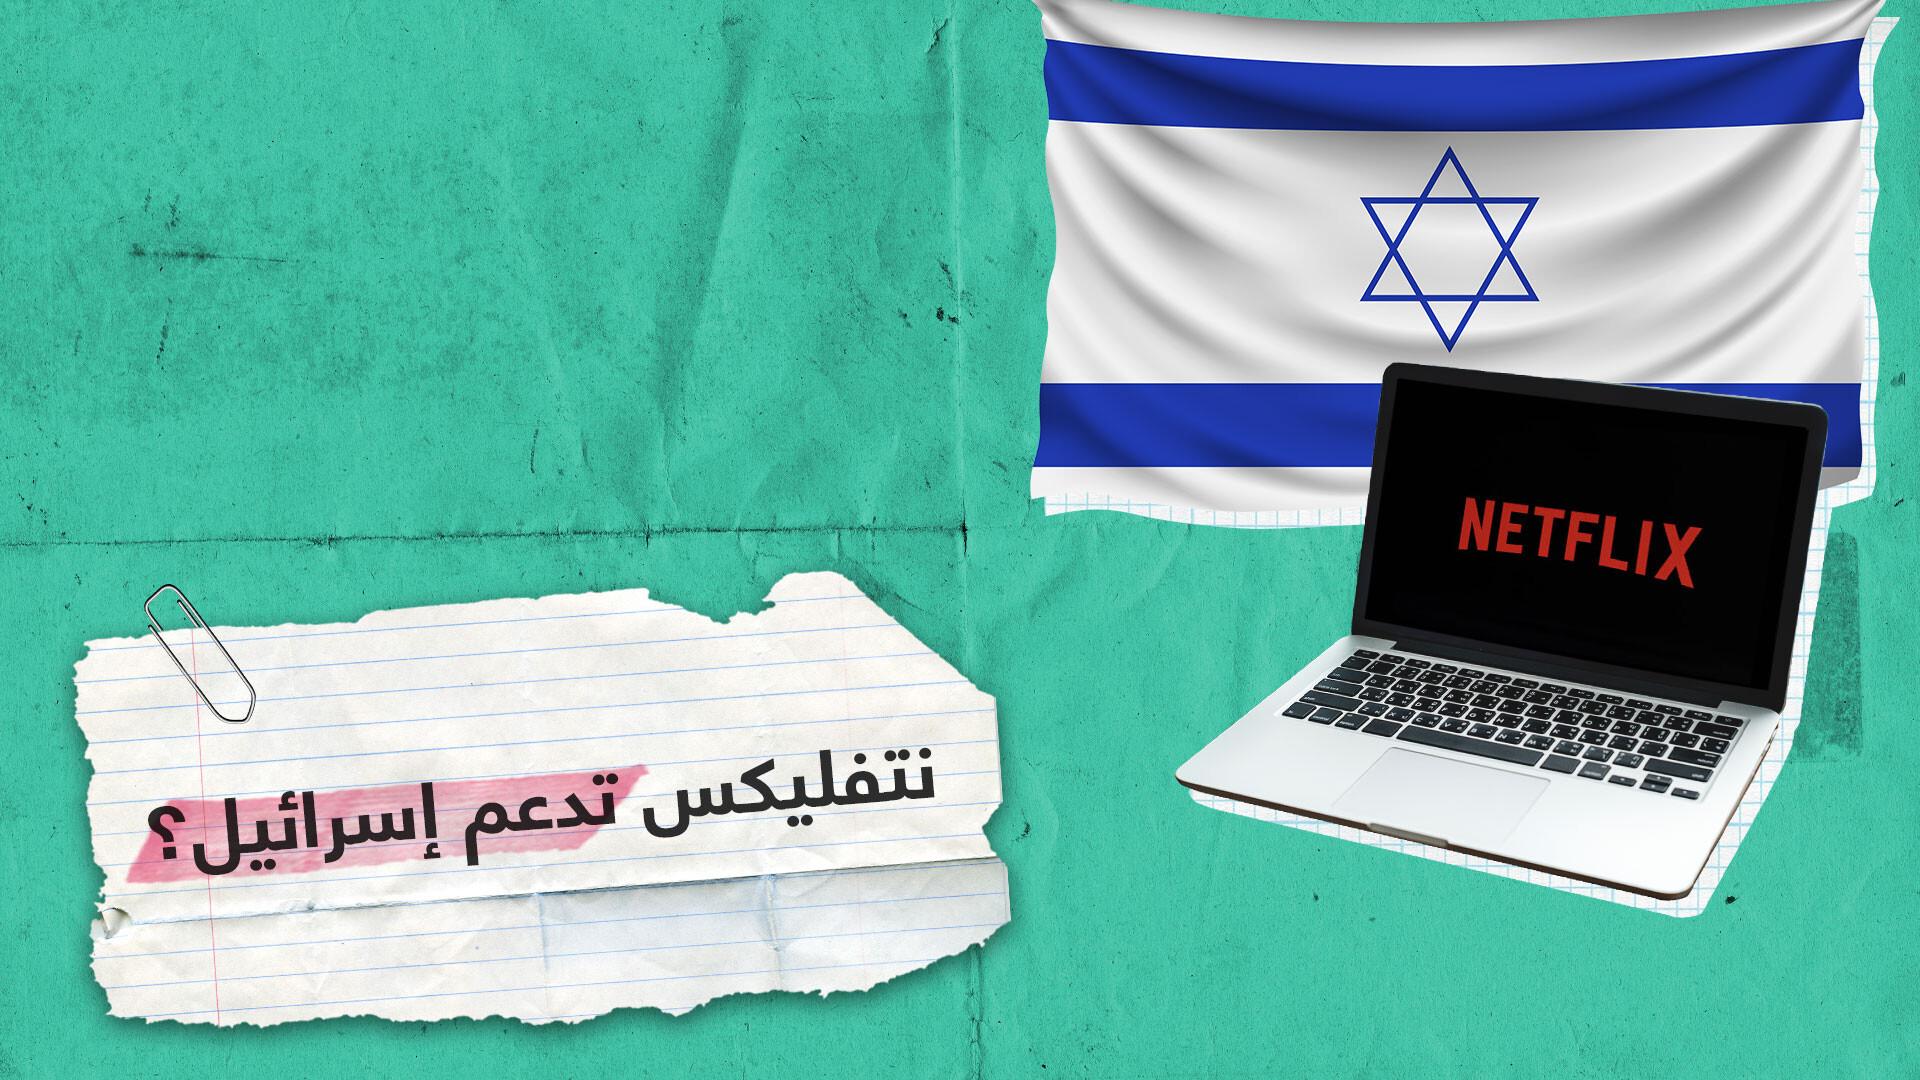 """هل تتبنى """"نتفليكس"""" الرواية الإسرائيلية في أفلامها عن الجاسوسية؟"""